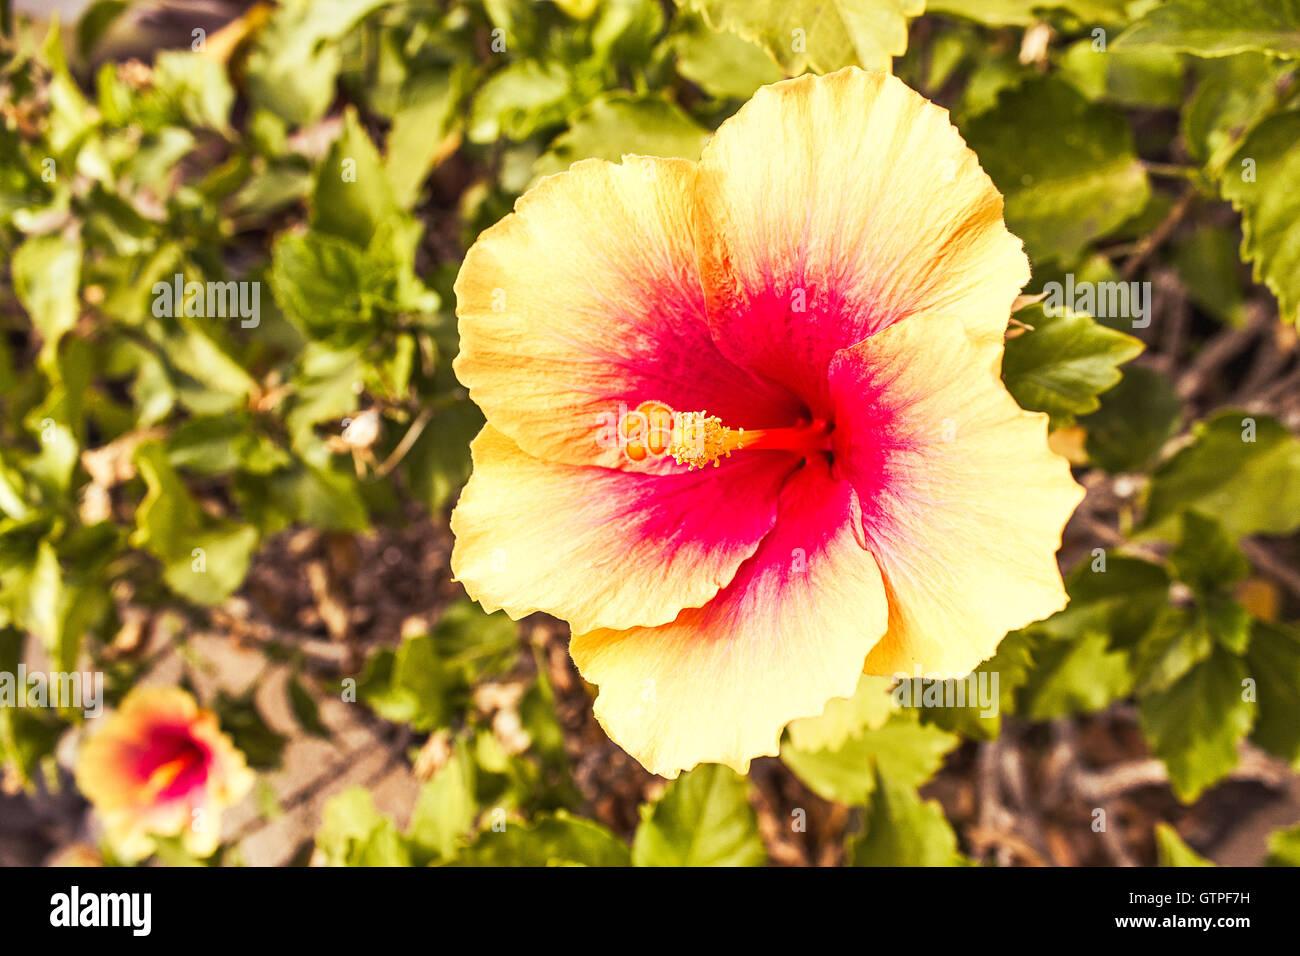 Beautiful yellow and red hawaiian hibiscus flower this photo was beautiful yellow and red hawaiian hibiscus flower this photo was take in maui hi izmirmasajfo